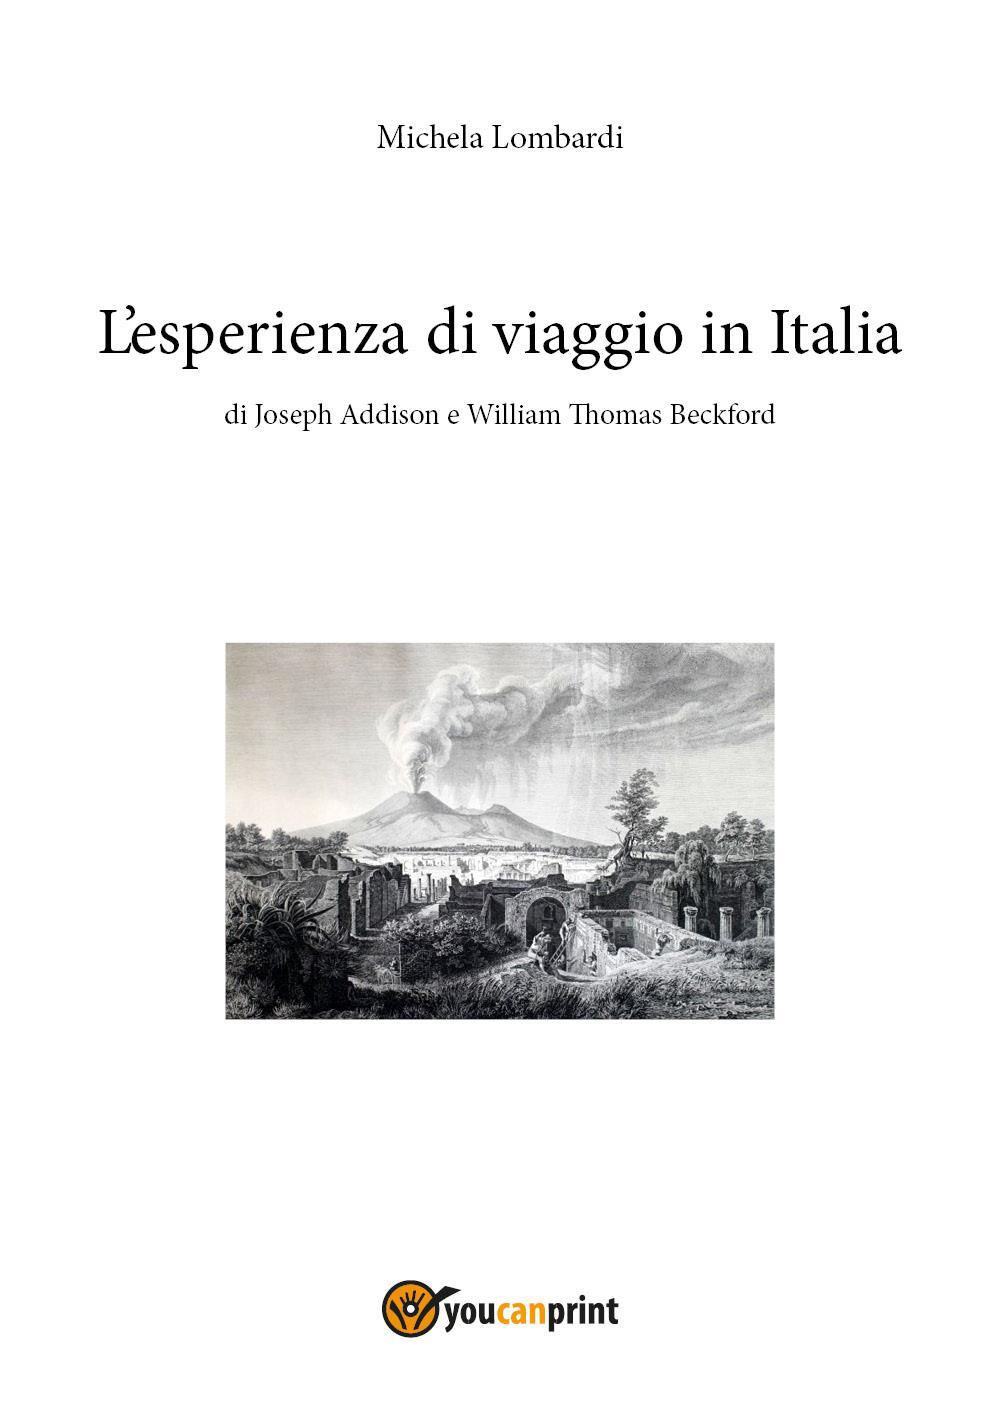 L'esperienza di viaggio in Italia  di Joseph Addison e William Thomas Beckford